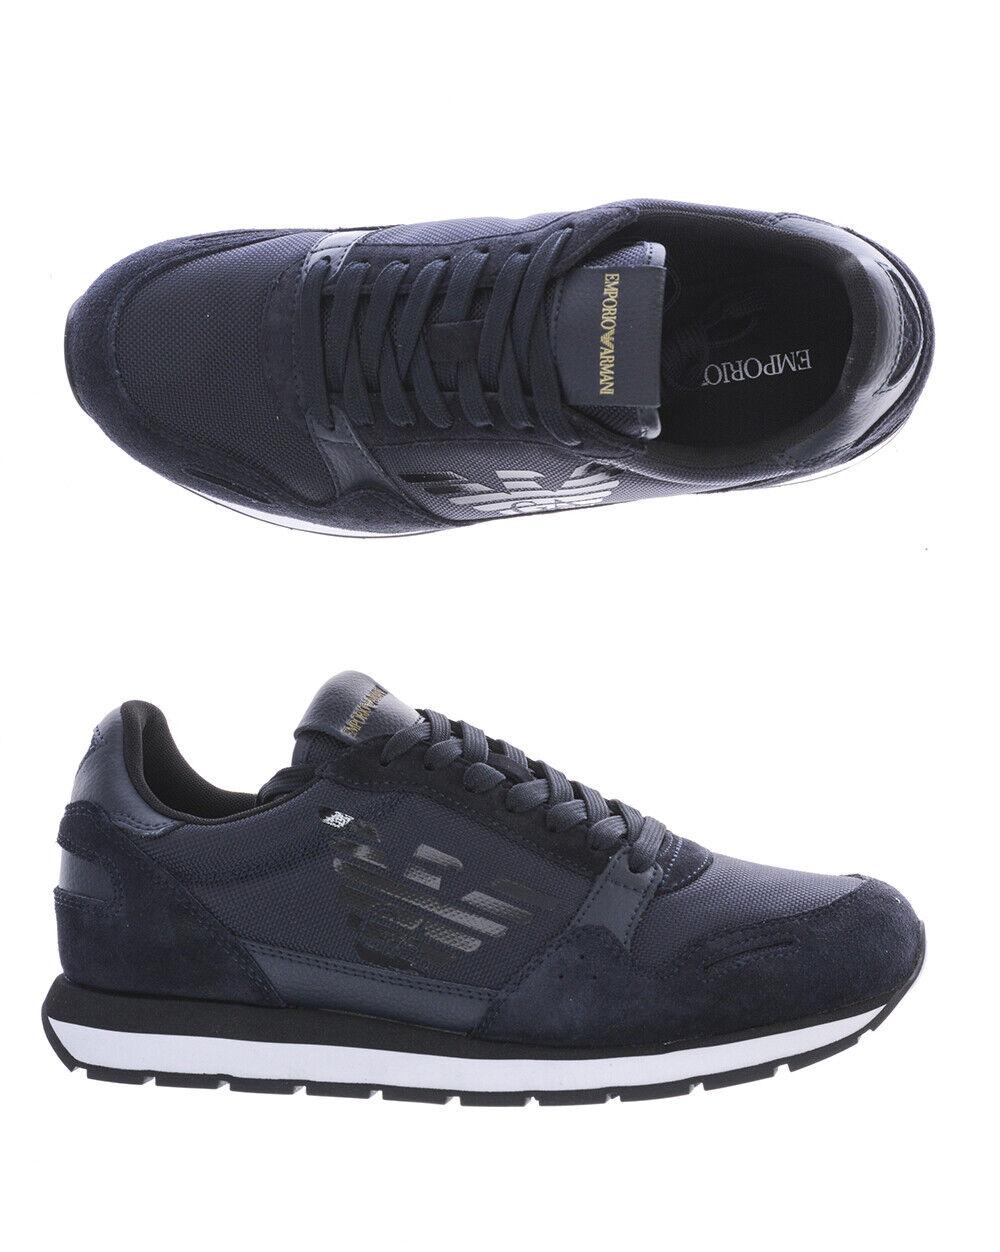 Emporio Armani Chaussures Baskets Cuir Homme Bleu X4X215 XL198 T370